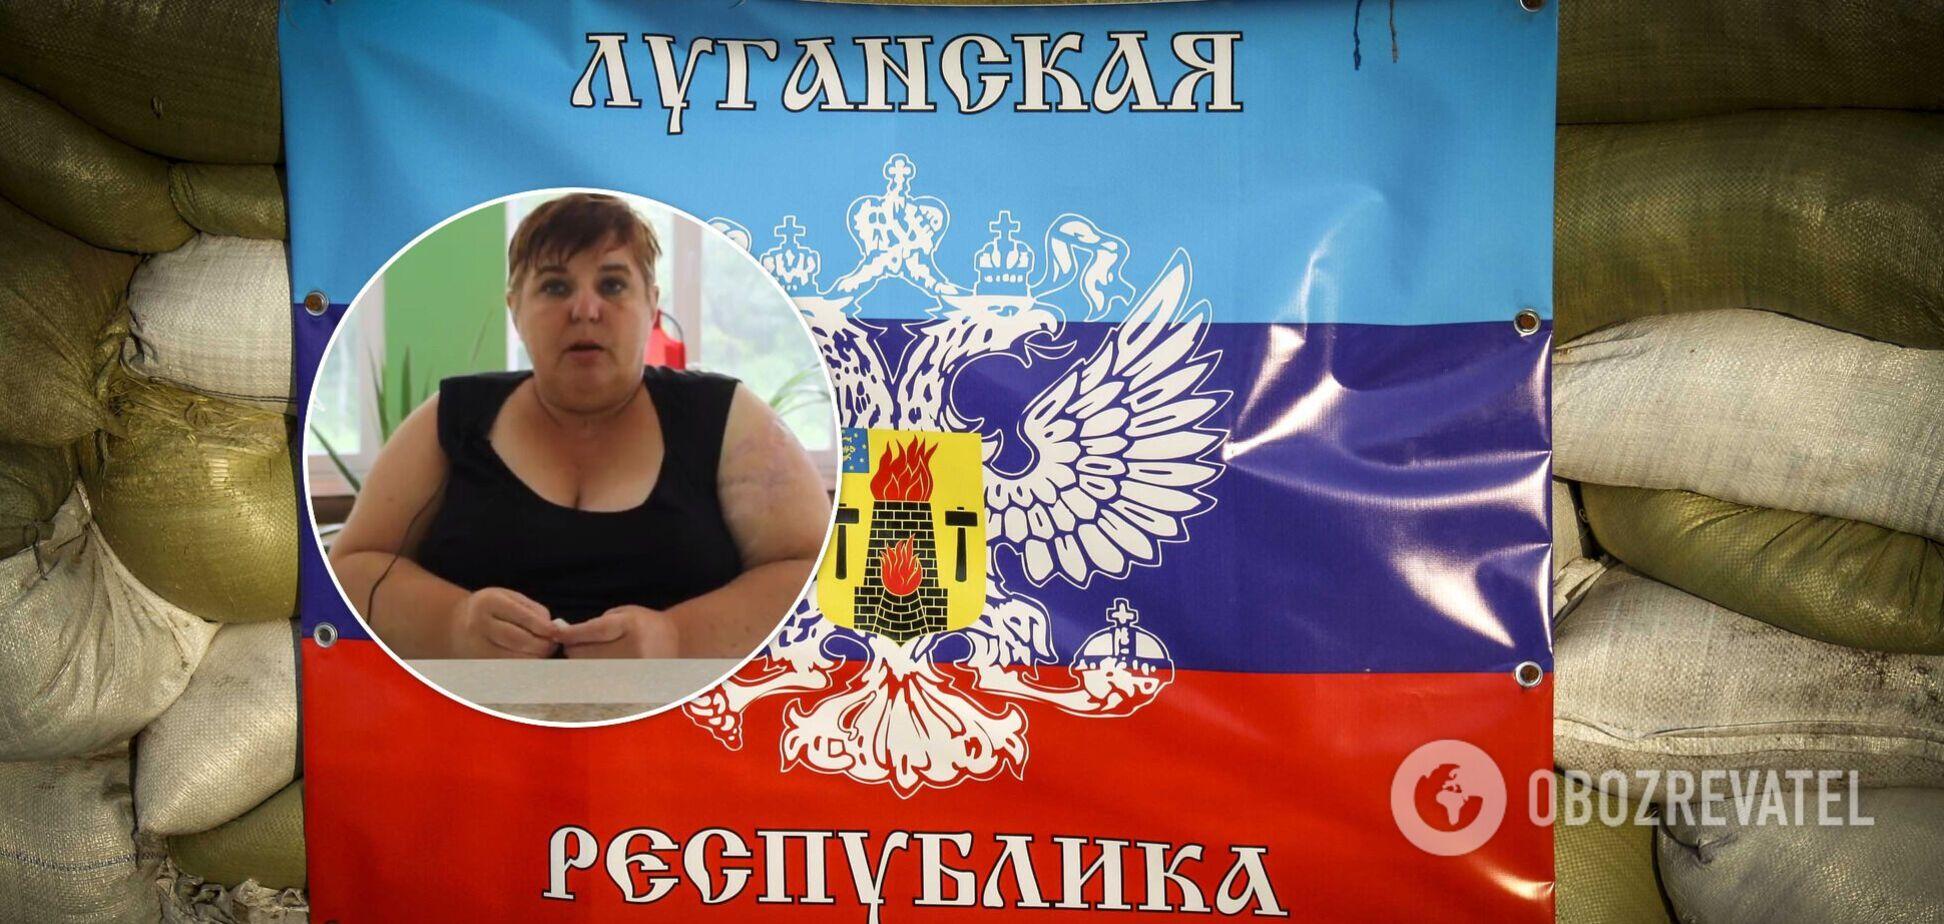 В духе 'распятого мальчика': пропагандист РФ распространил новый фейк о ВСУ. Видео 18+